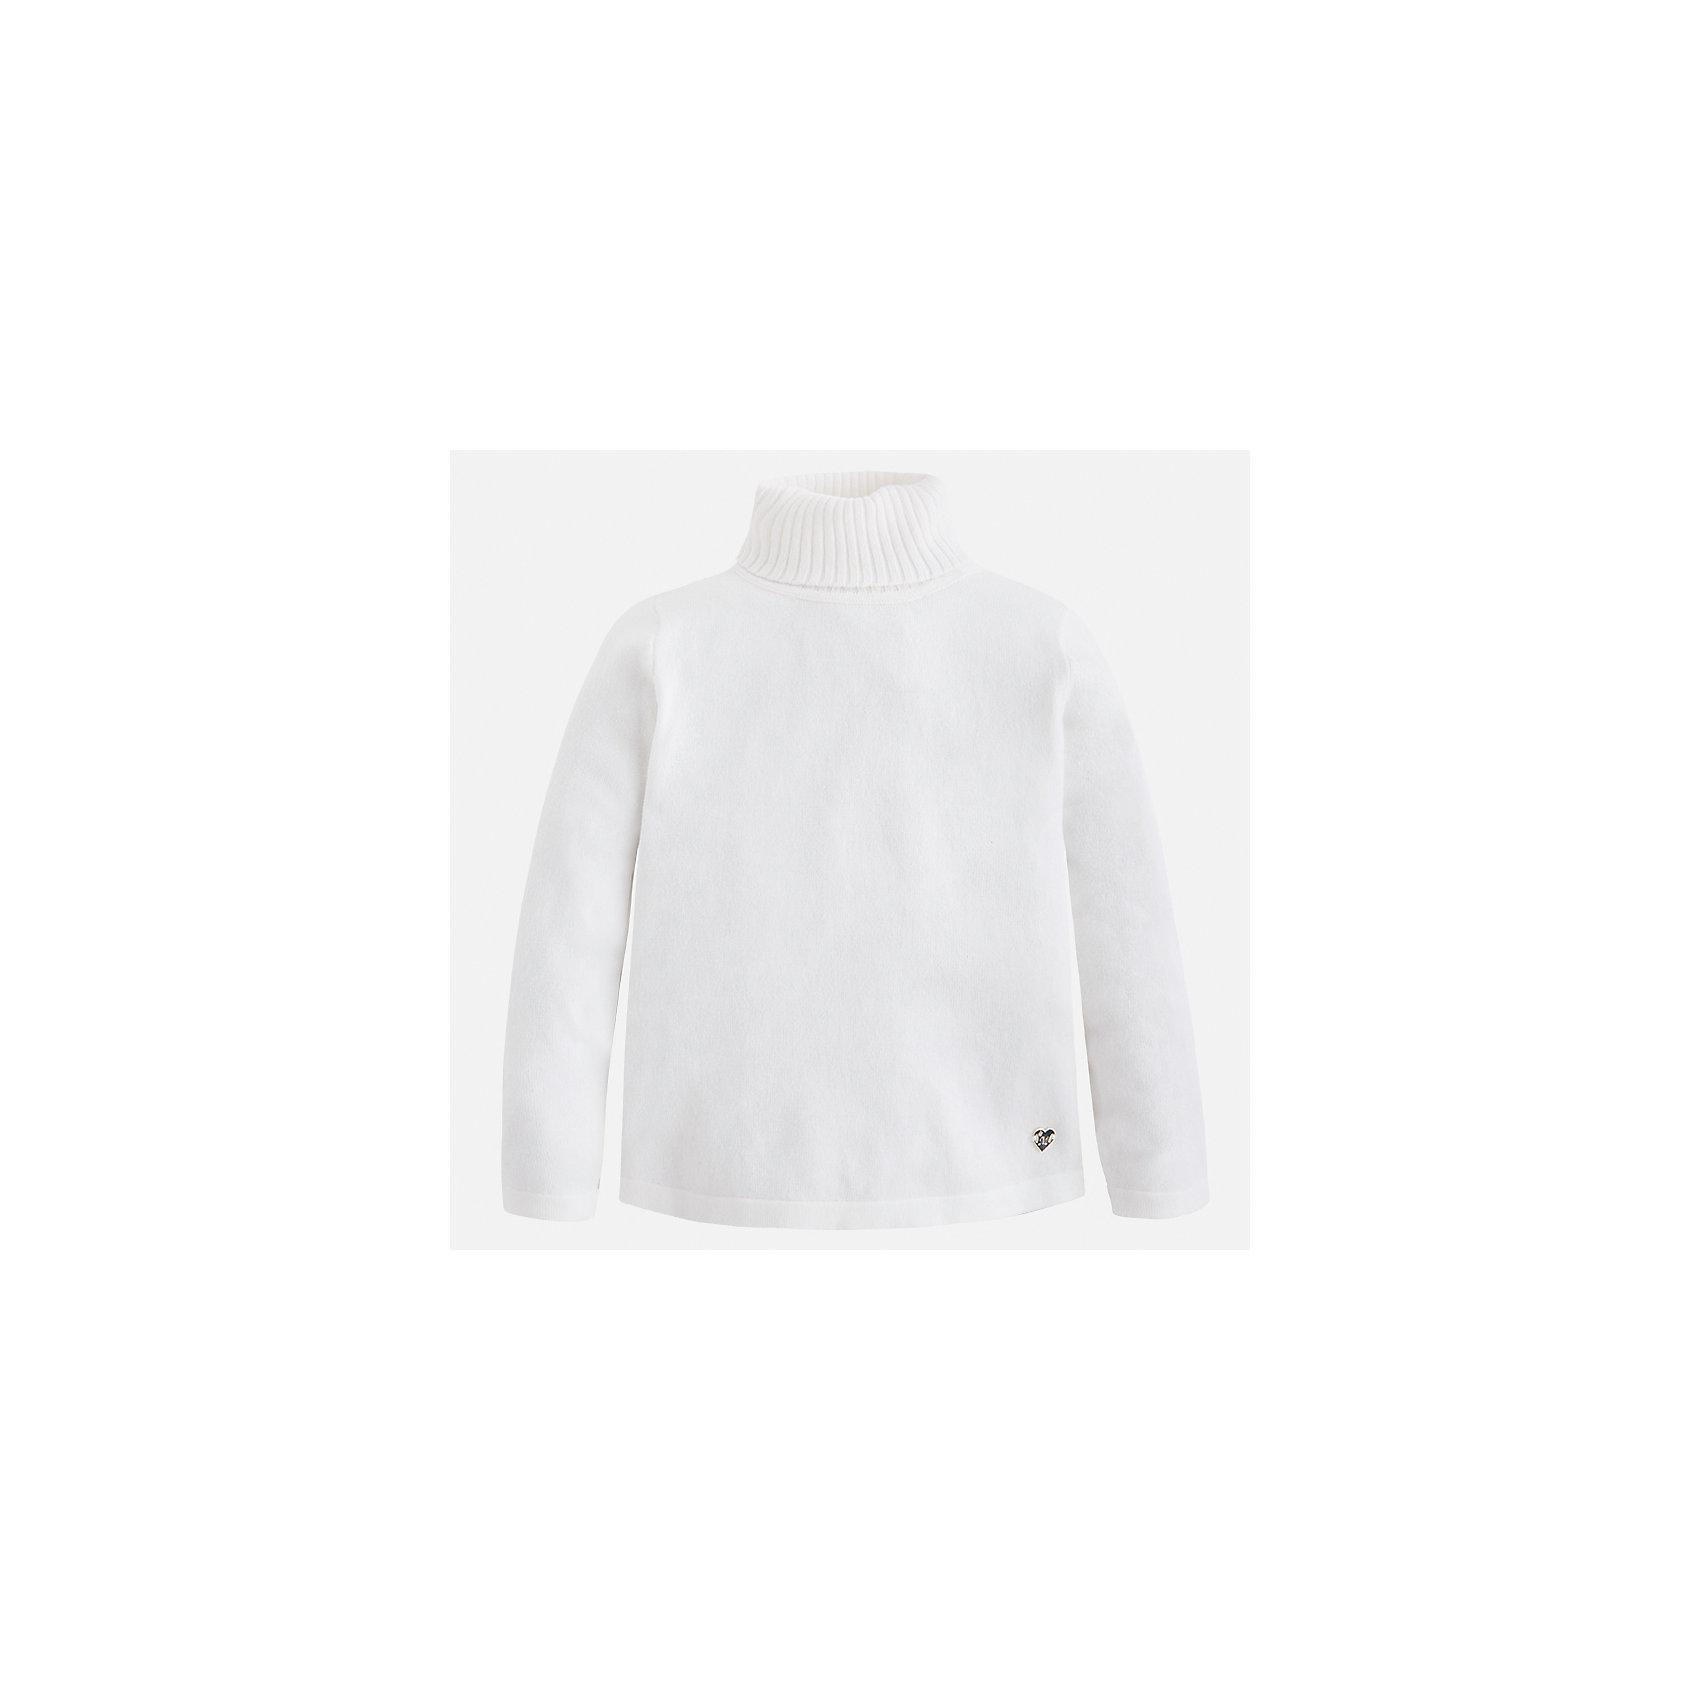 Водолазка Mayoral для девочкиВодолазки<br>Характеристики товара:<br><br>• цвет: белый<br>• состав ткани: 80% хлопок, 17% полиамид, 3% эластан<br>• сезон: демисезон<br>• особенности: высокий ворот<br>• длинные рукава<br>• страна бренда: Испания<br>• страна изготовитель: Индия<br><br>Белый свитер для девочки от Майорал подарит ребенку комфорт и тепло. Детский свитер отличается модным и продуманным дизайном. В свитере для девочки от испанской компании Майорал ребенок будет выглядеть модно, а чувствовать себя - комфортно. <br><br>Свитер для девочки Mayoral (Майорал) можно купить в нашем интернет-магазине.<br><br>Ширина мм: 190<br>Глубина мм: 74<br>Высота мм: 229<br>Вес г: 236<br>Цвет: бежевый<br>Возраст от месяцев: 96<br>Возраст до месяцев: 108<br>Пол: Женский<br>Возраст: Детский<br>Размер: 134,92,98,104,110,116,122,128<br>SKU: 6919908